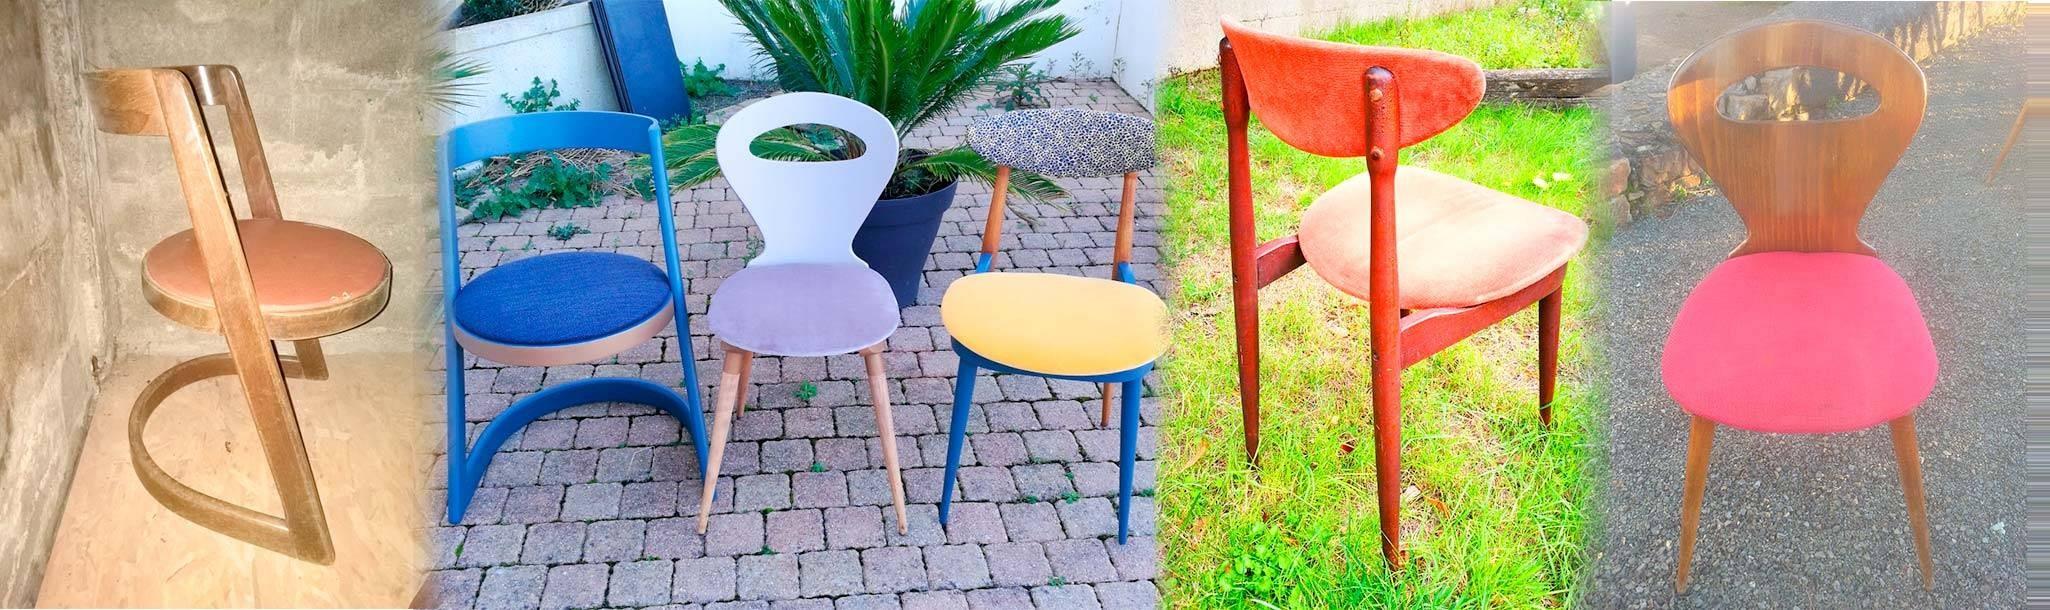 Découvrez nos chaises certifiés vintages